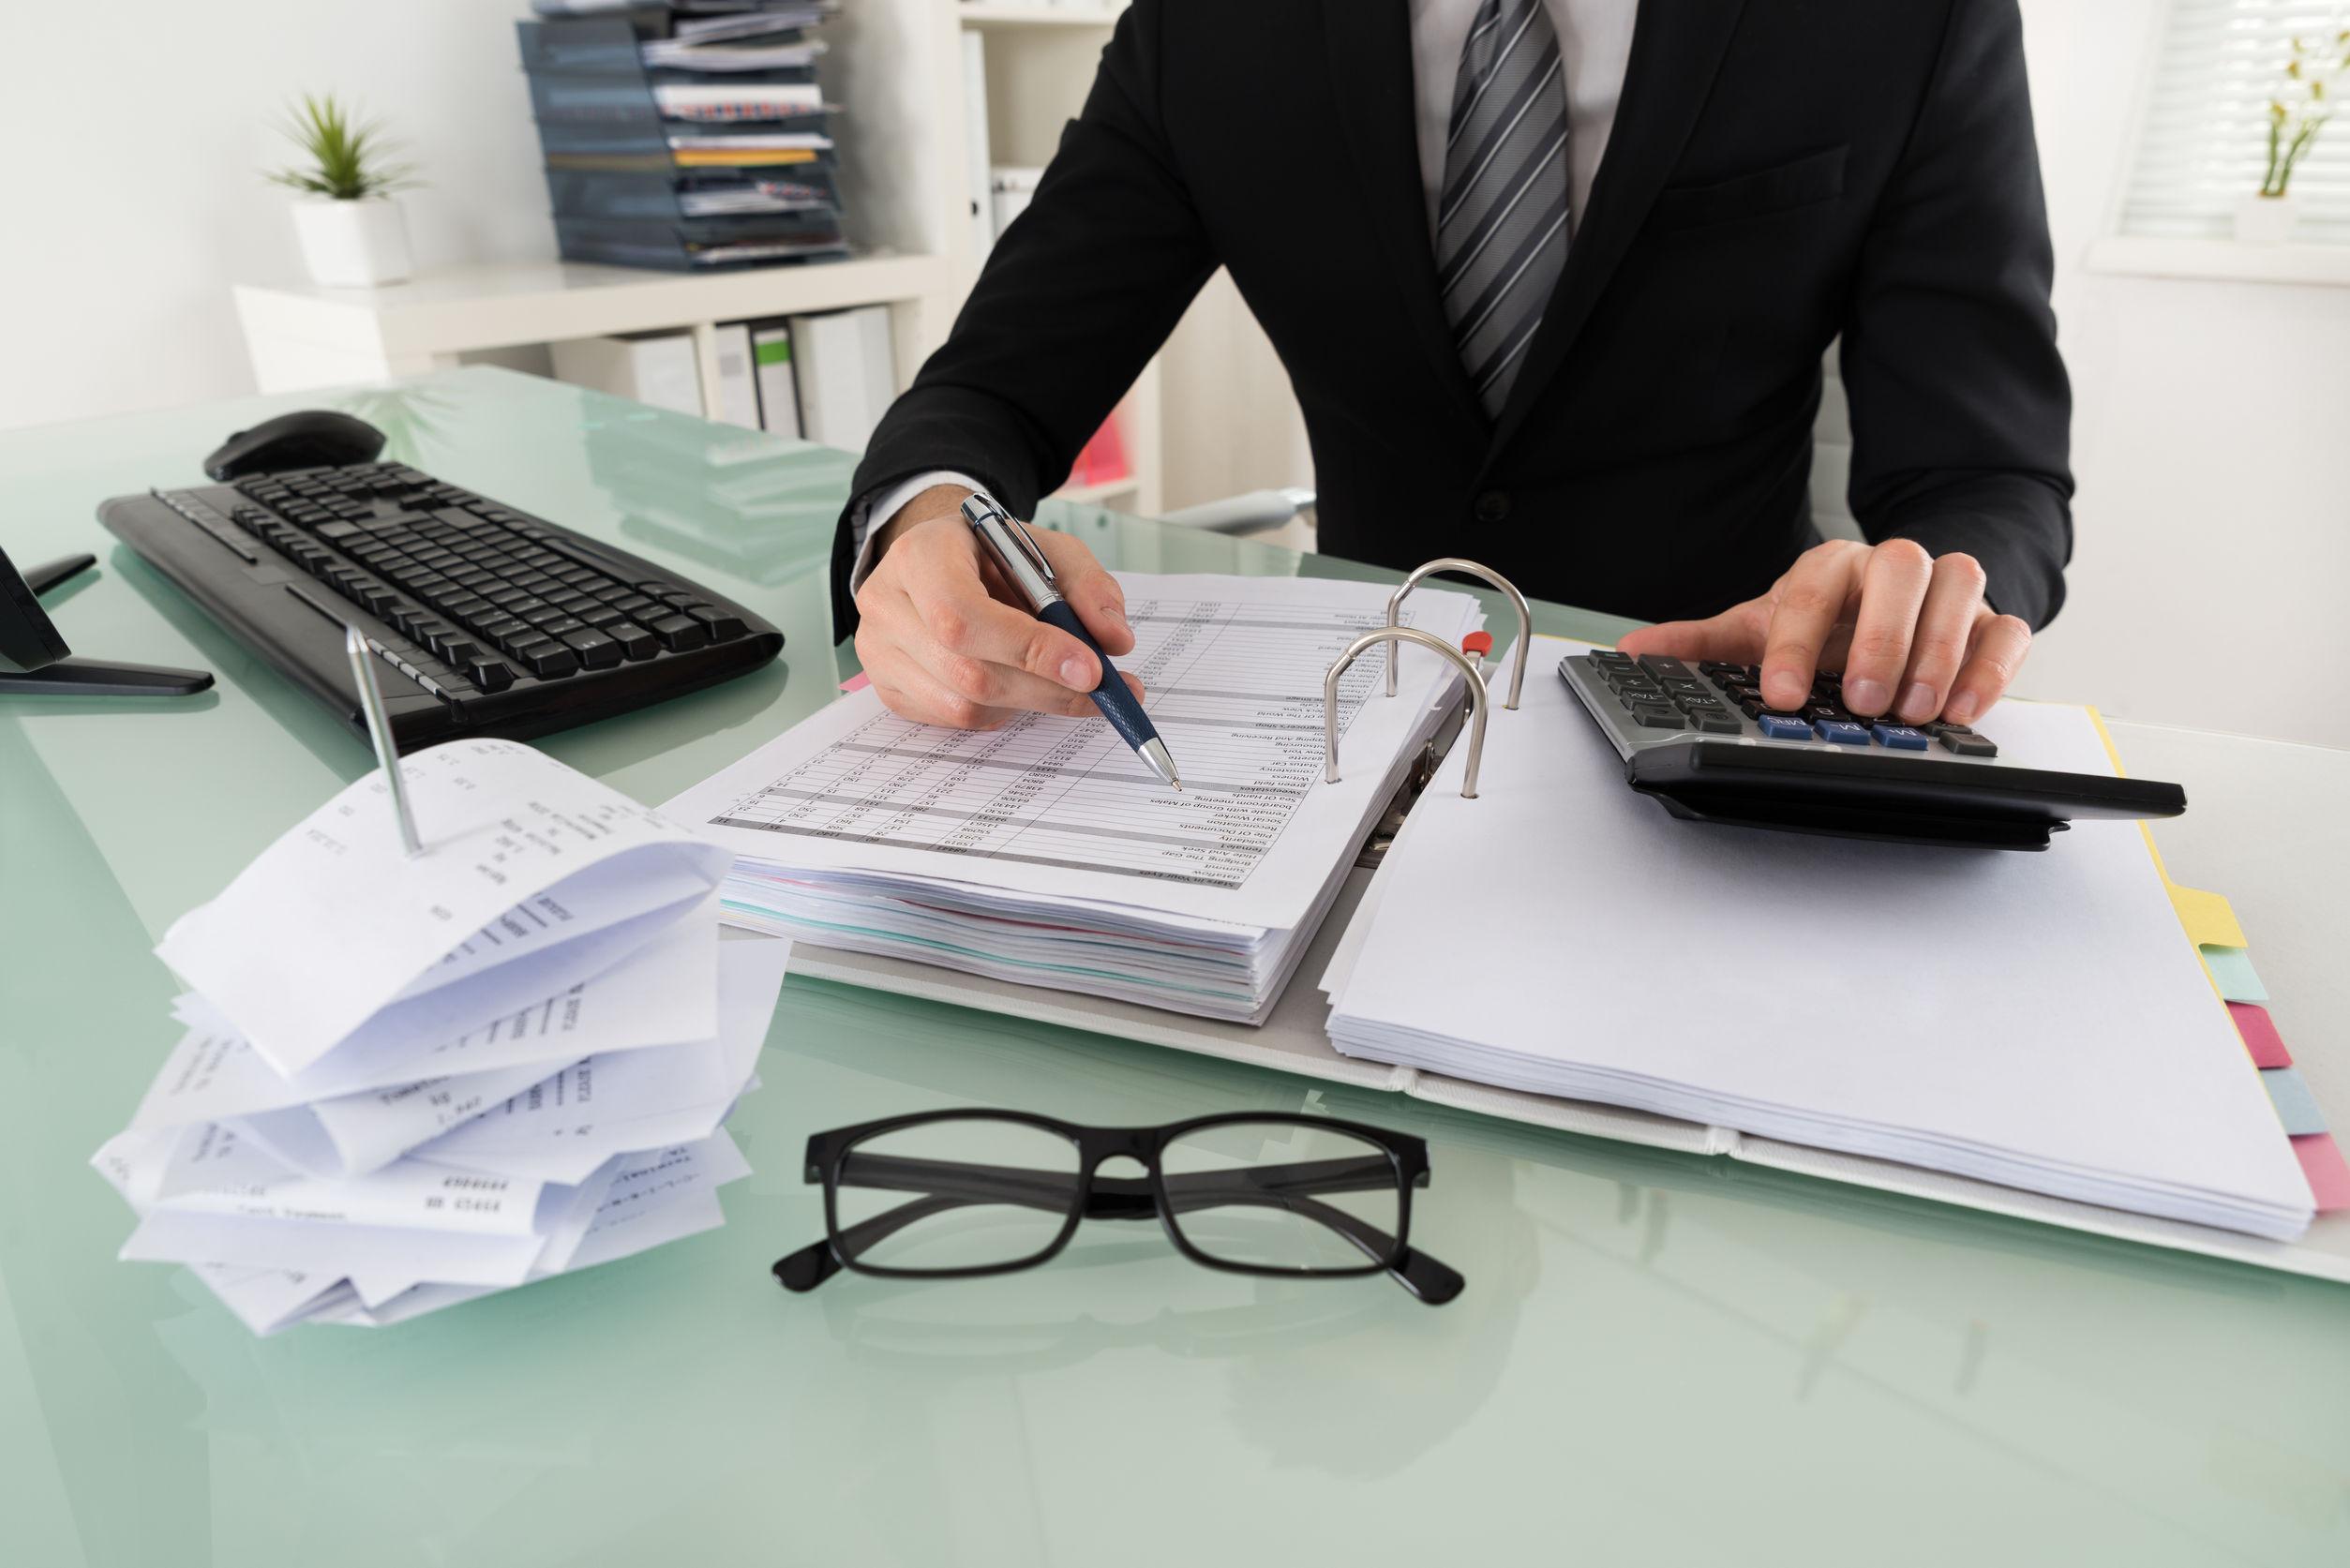 REVOLUŢIA fiscală intră în vigoare de la 1 ianuarie 2018. Reguli NOI pentru firme şi pentru cei care realizează venituri anul acesta